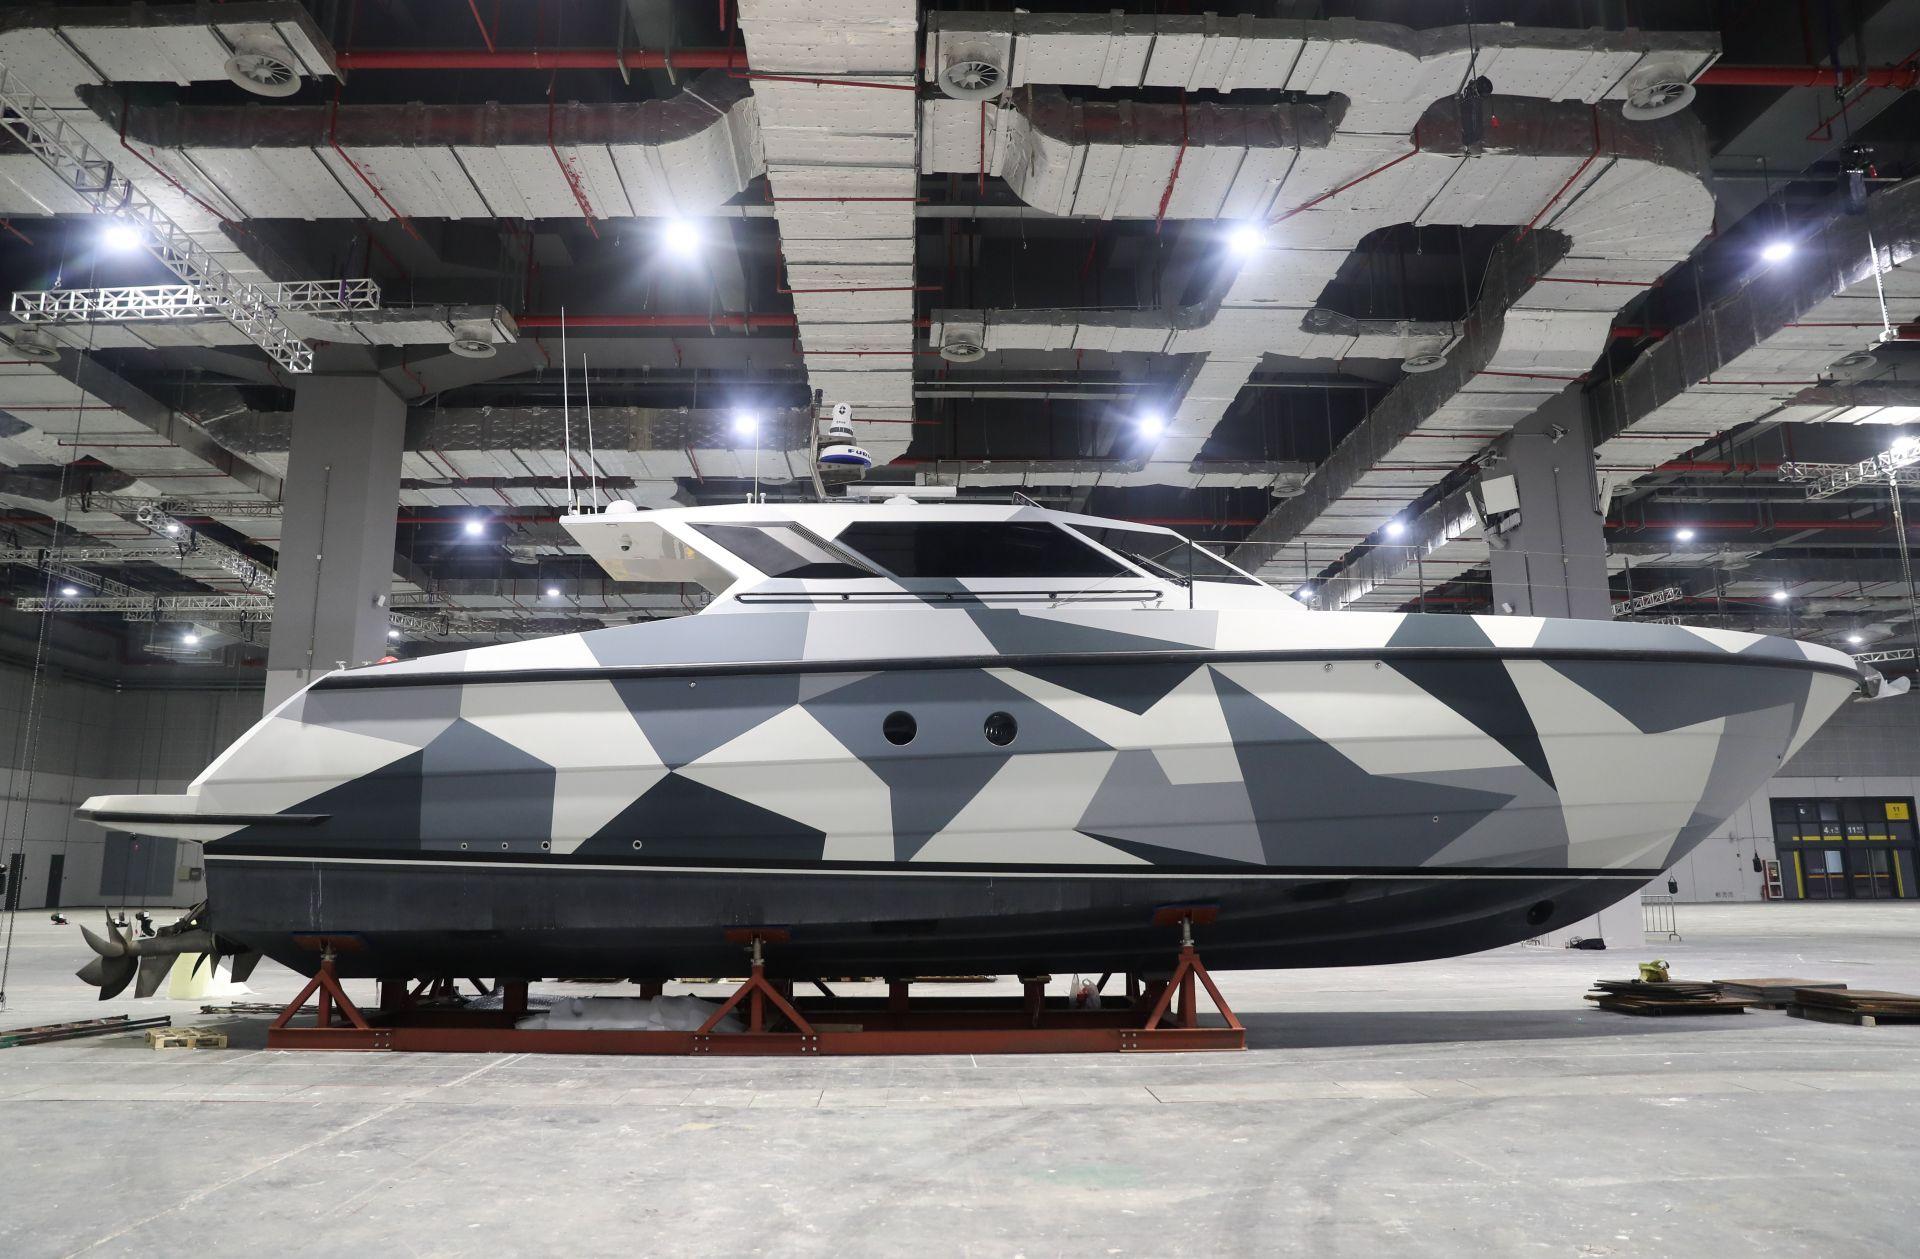 10月25日在国家会展中心(上海)拍摄的法拉帝195型高速巡逻船。    眼下,第二届中国国际进口博览会布展工作正在紧锣密鼓地进行。10月25日,记者来到国家会展中心(上海),近距离了解第二届进博会的首件进馆展品——来自意大利的法拉帝195型高速巡逻船。这艘全长20米、重约37吨的公务船大量采用碳纤维和钛金属等新型材料,首次来到亚洲参展。    新华社记者 丁汀 摄